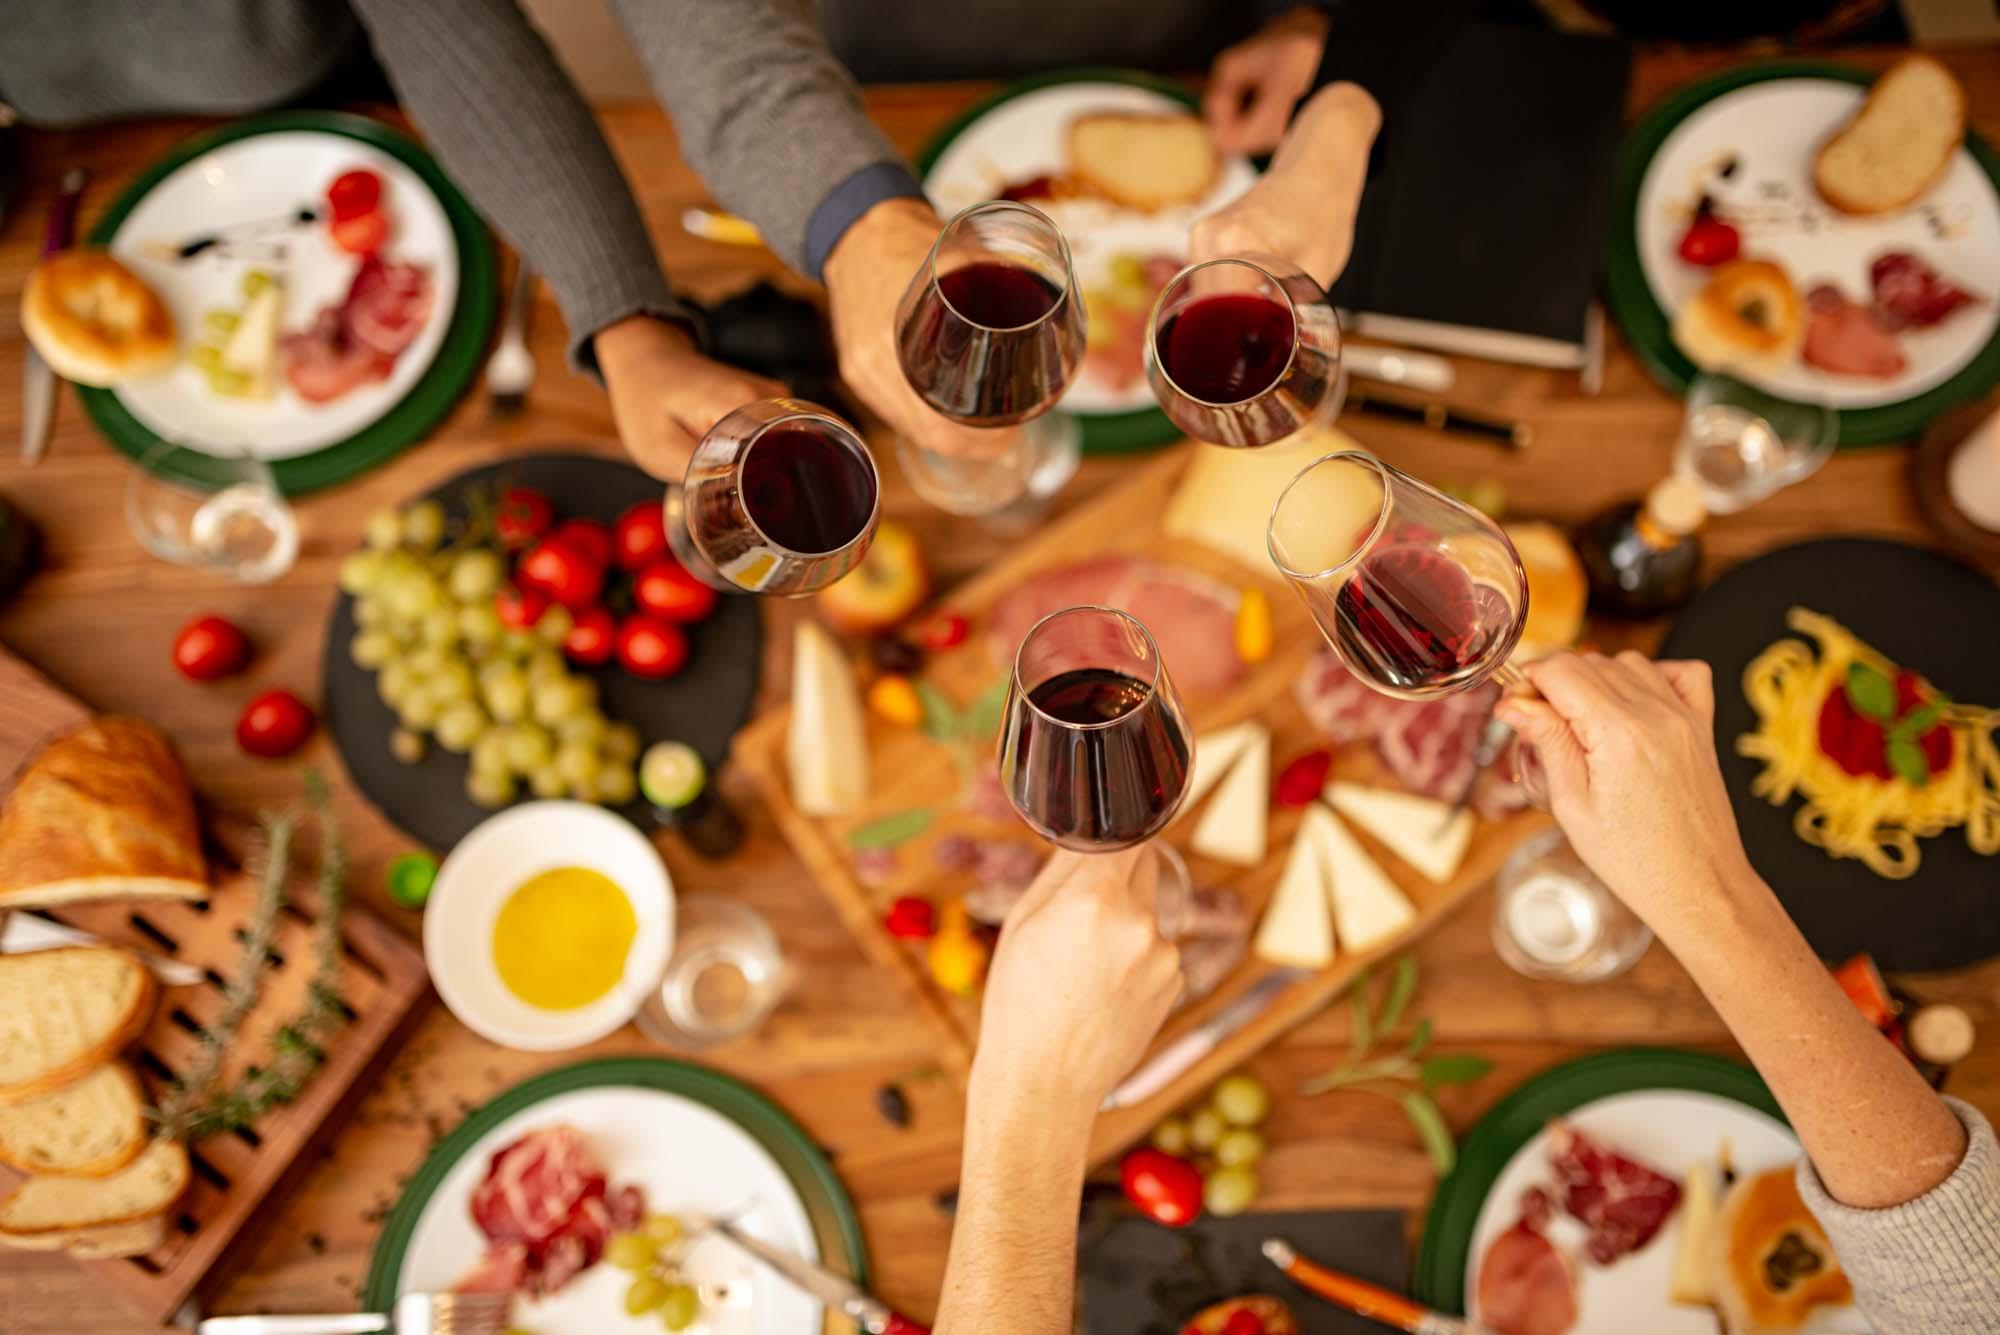 Cucina Amatoriale Formazione Manageriale a Parma